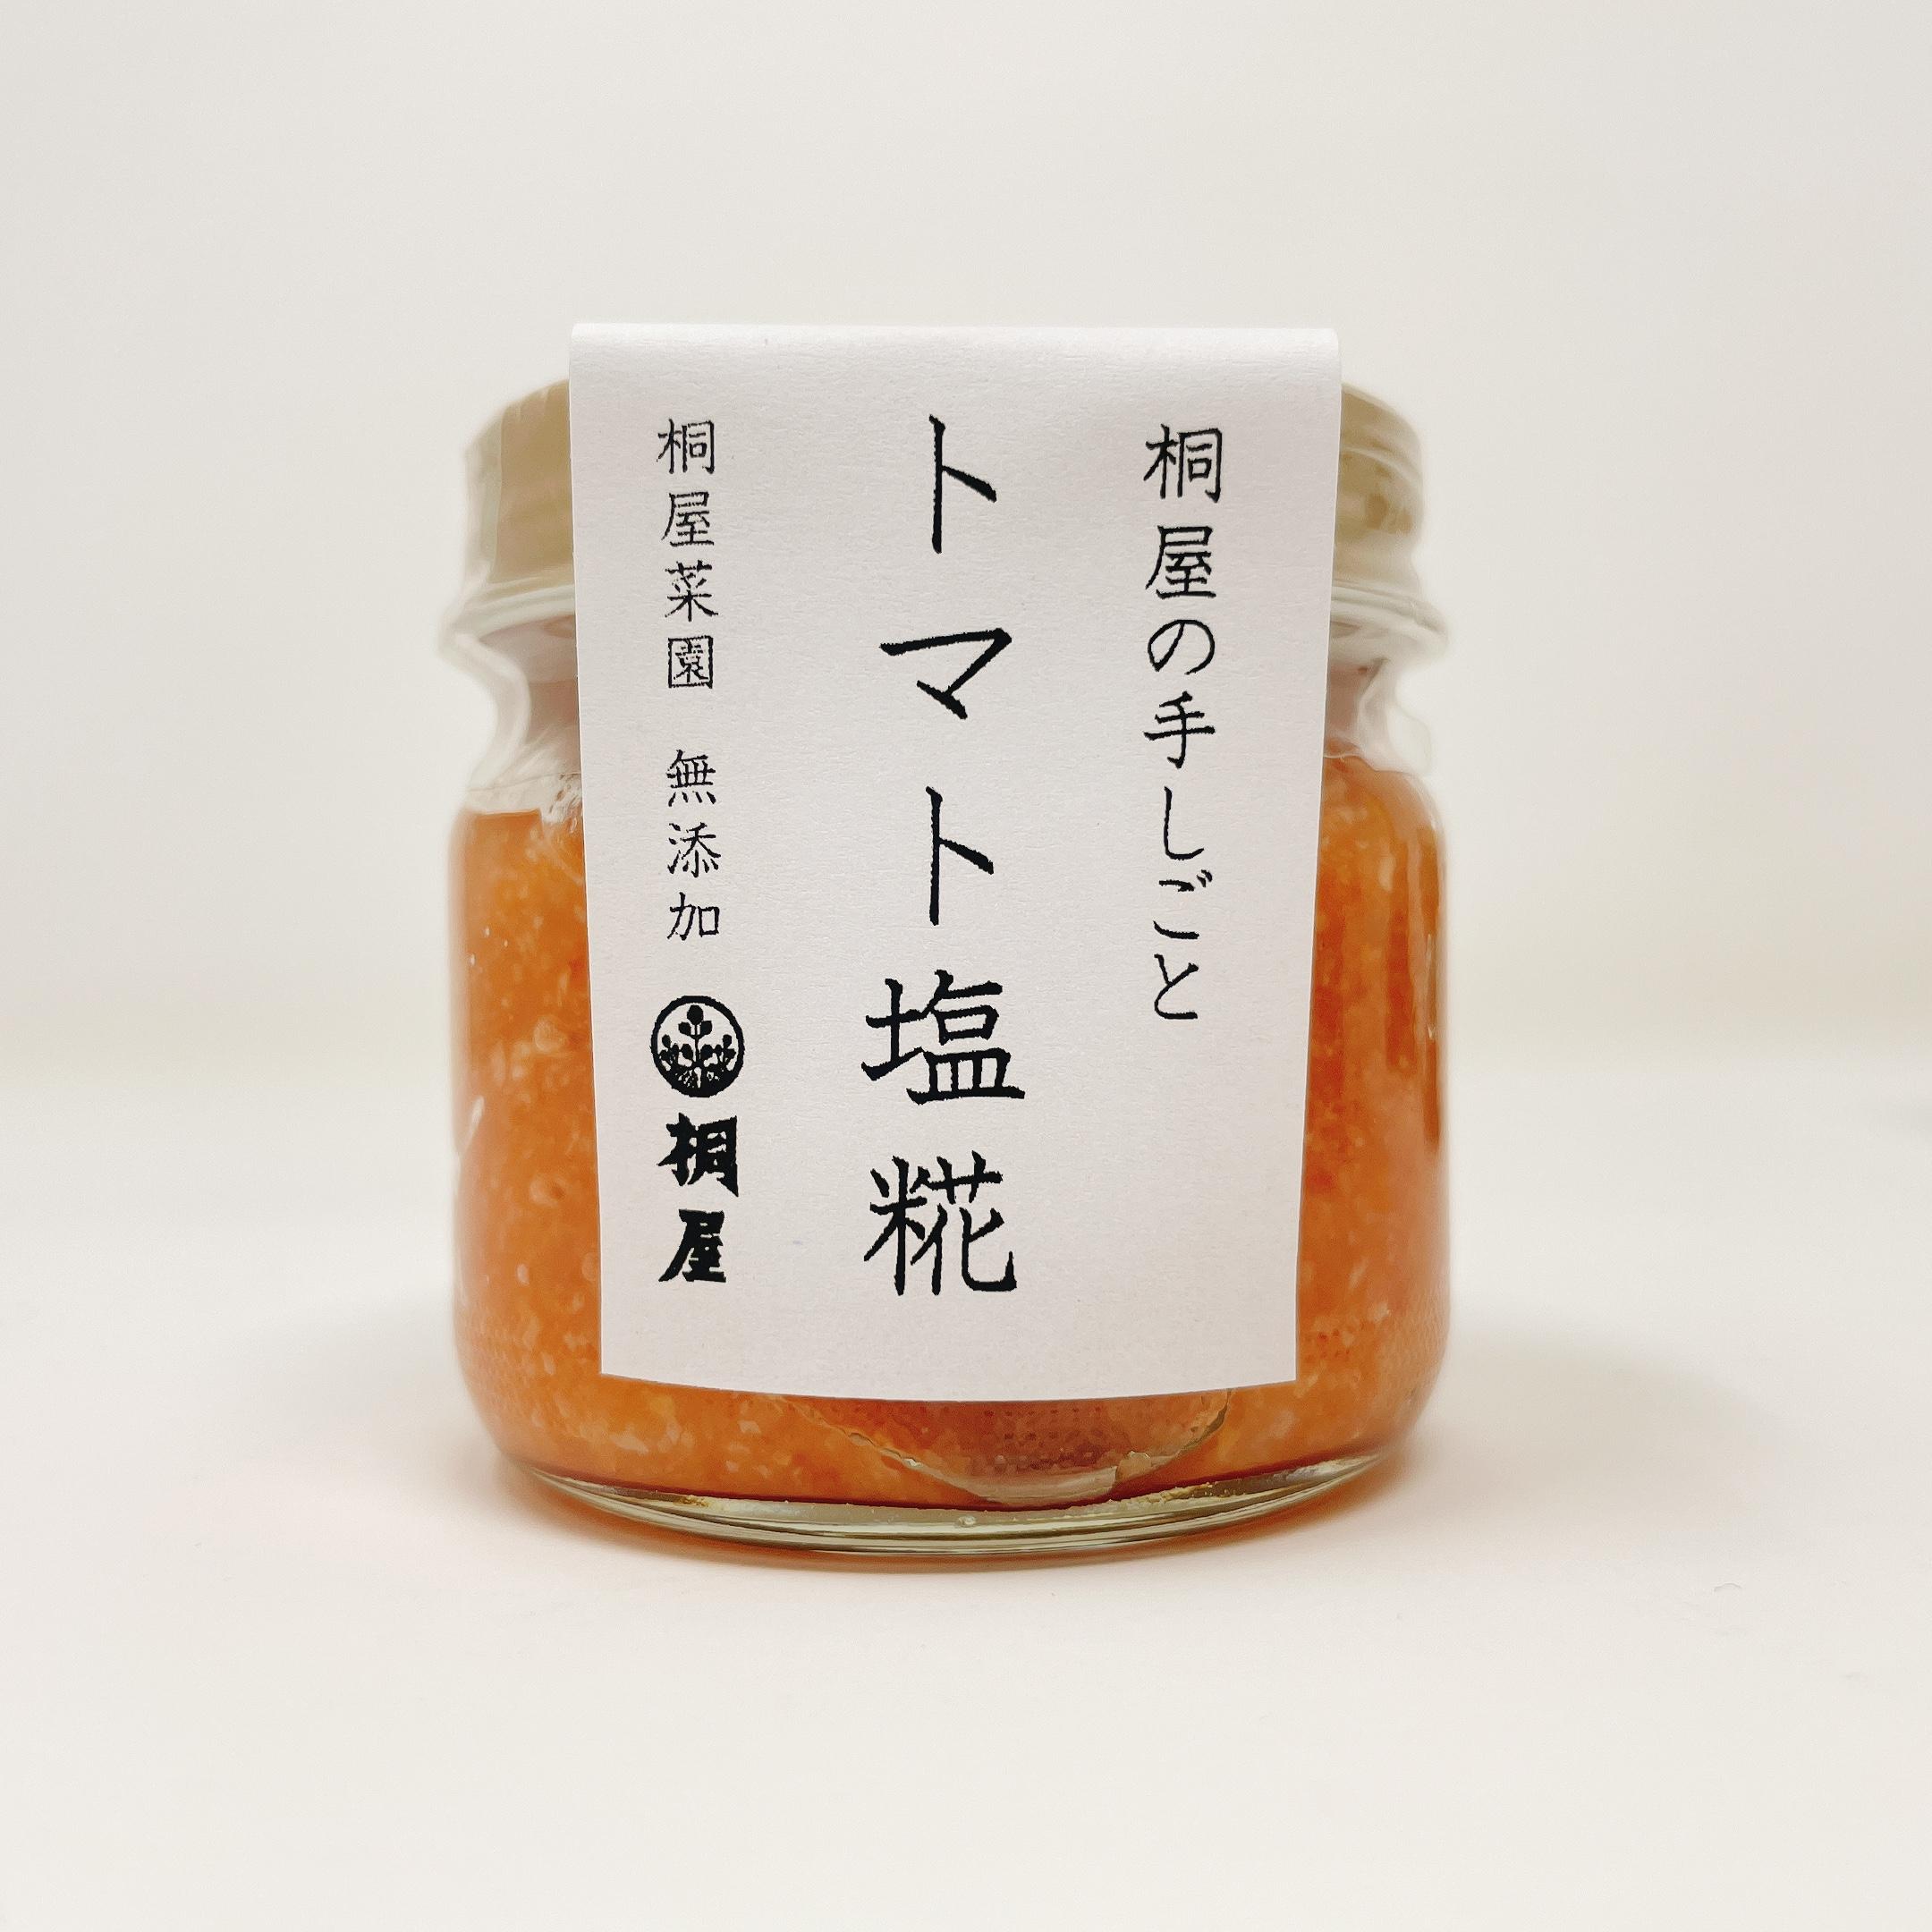 桐屋の手しごと トマト塩糀画像